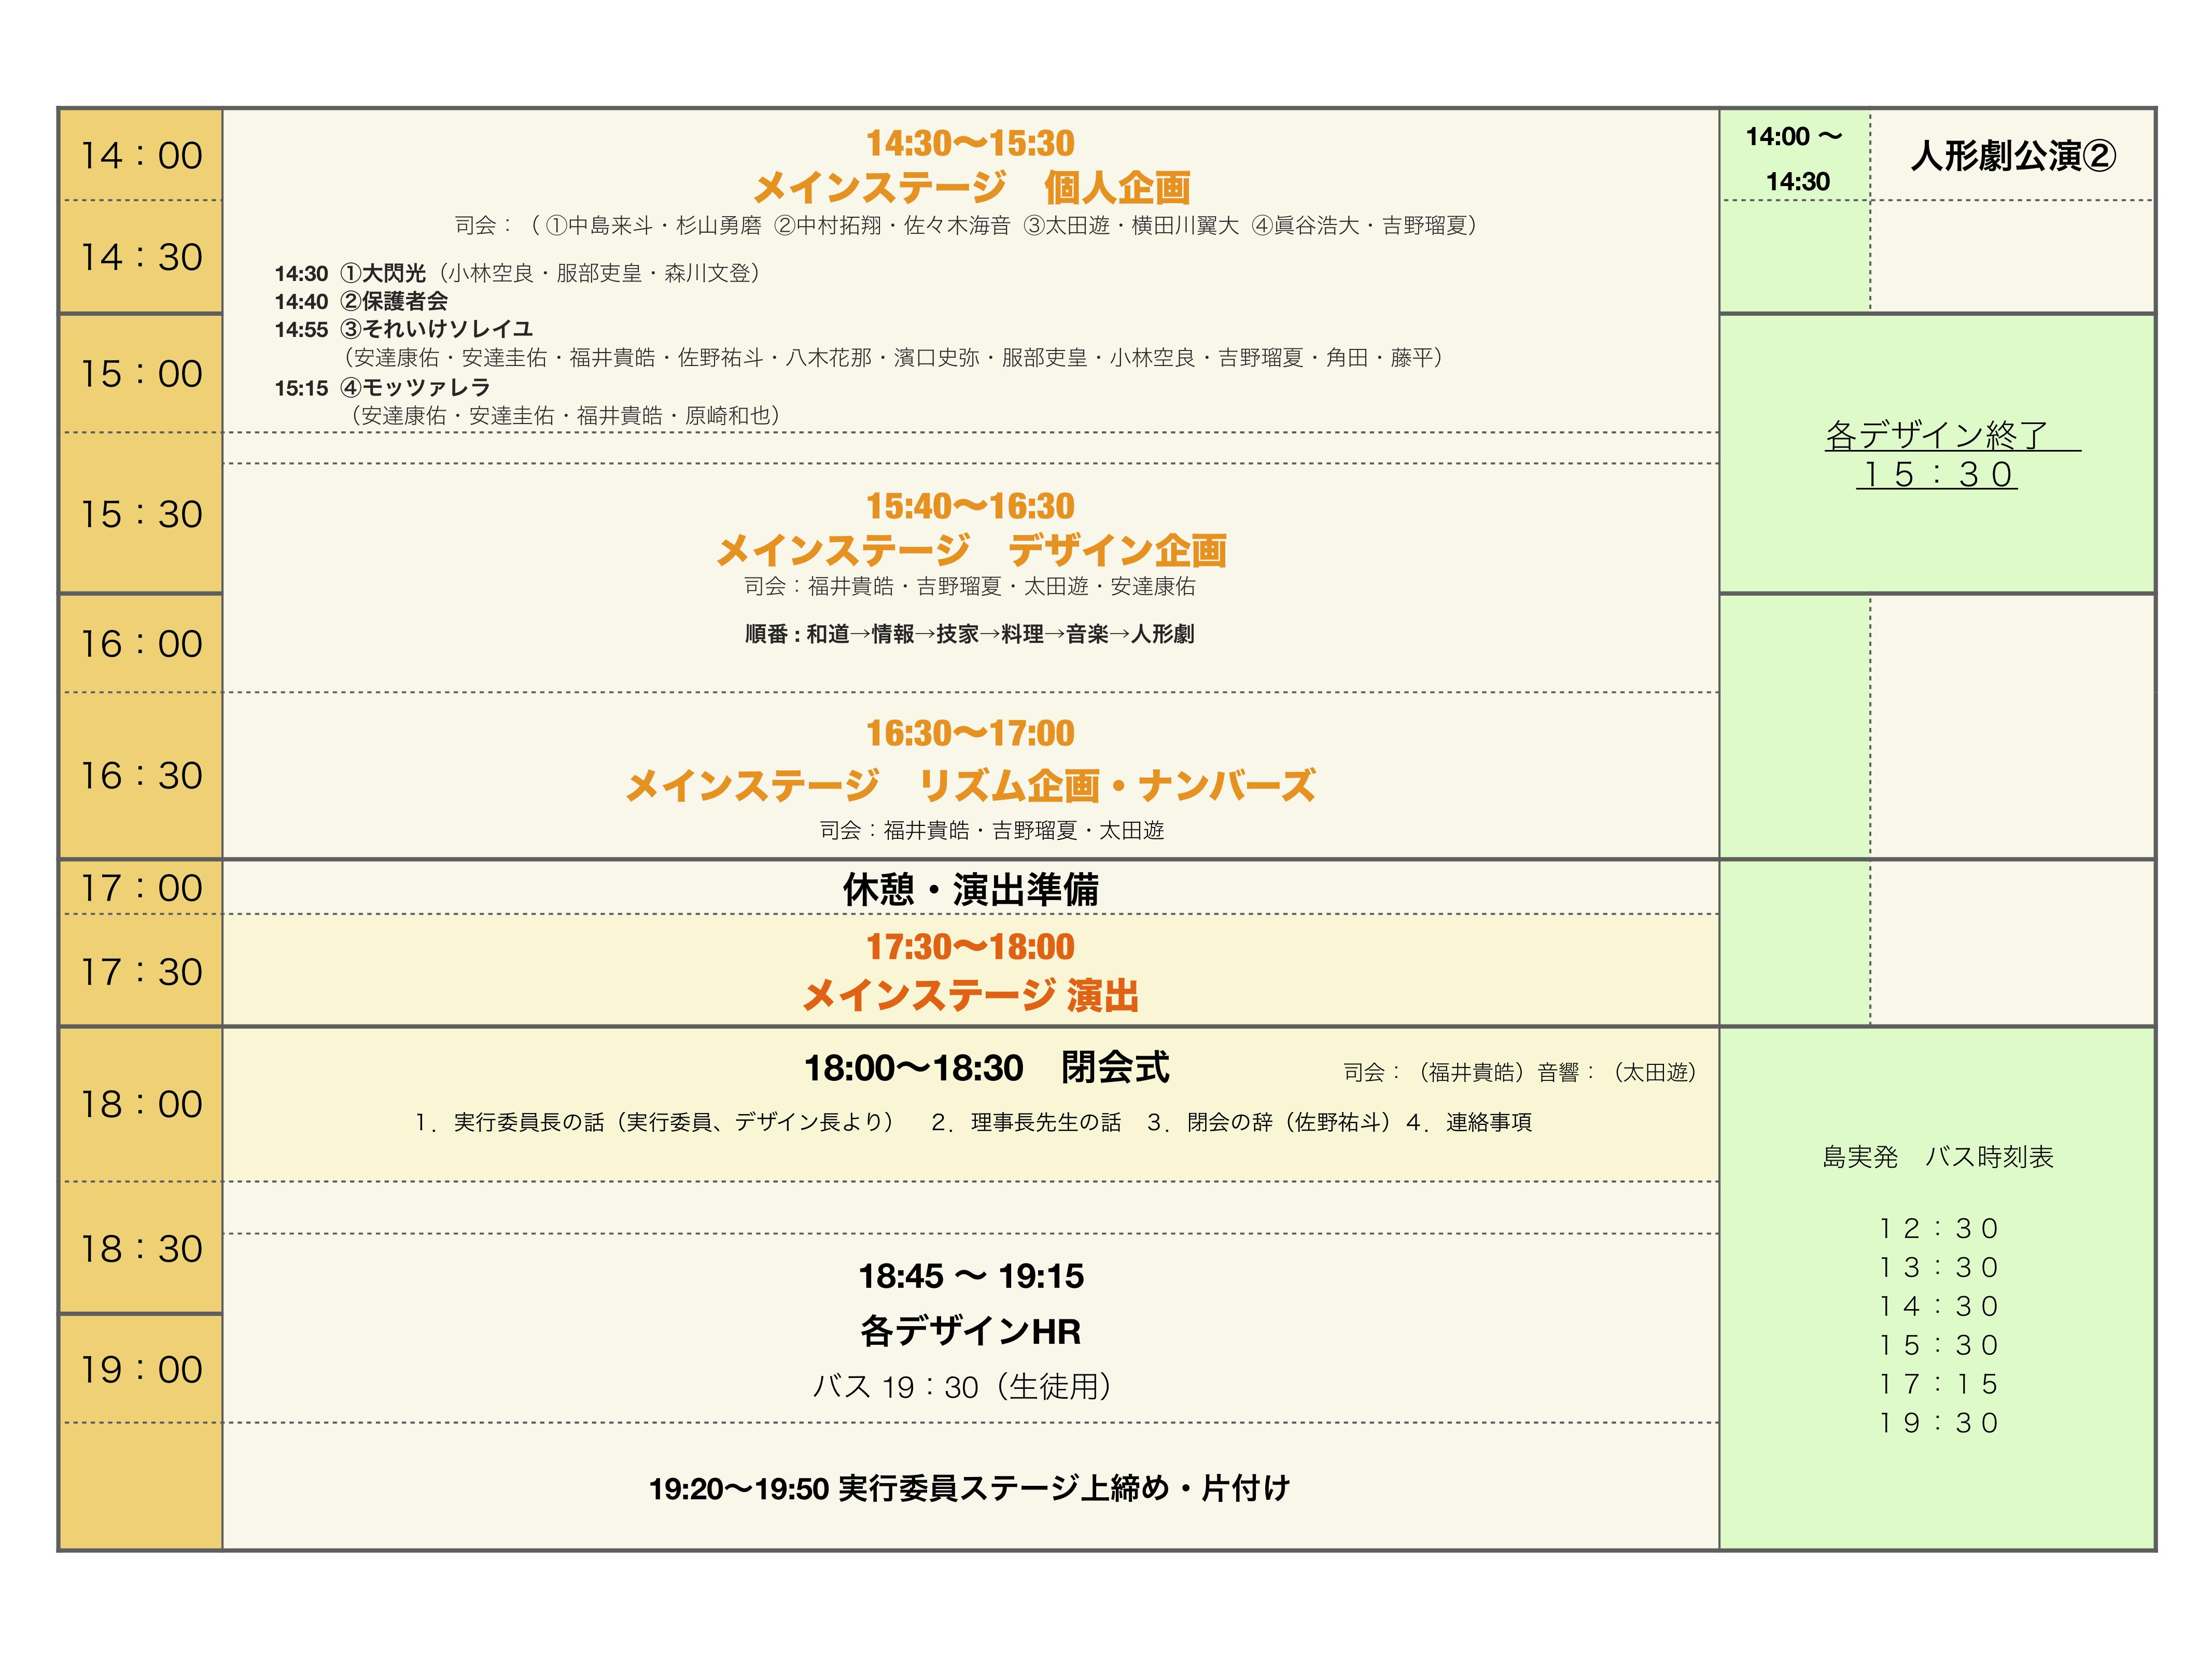 2019自遊祭当日タイムテーブル2